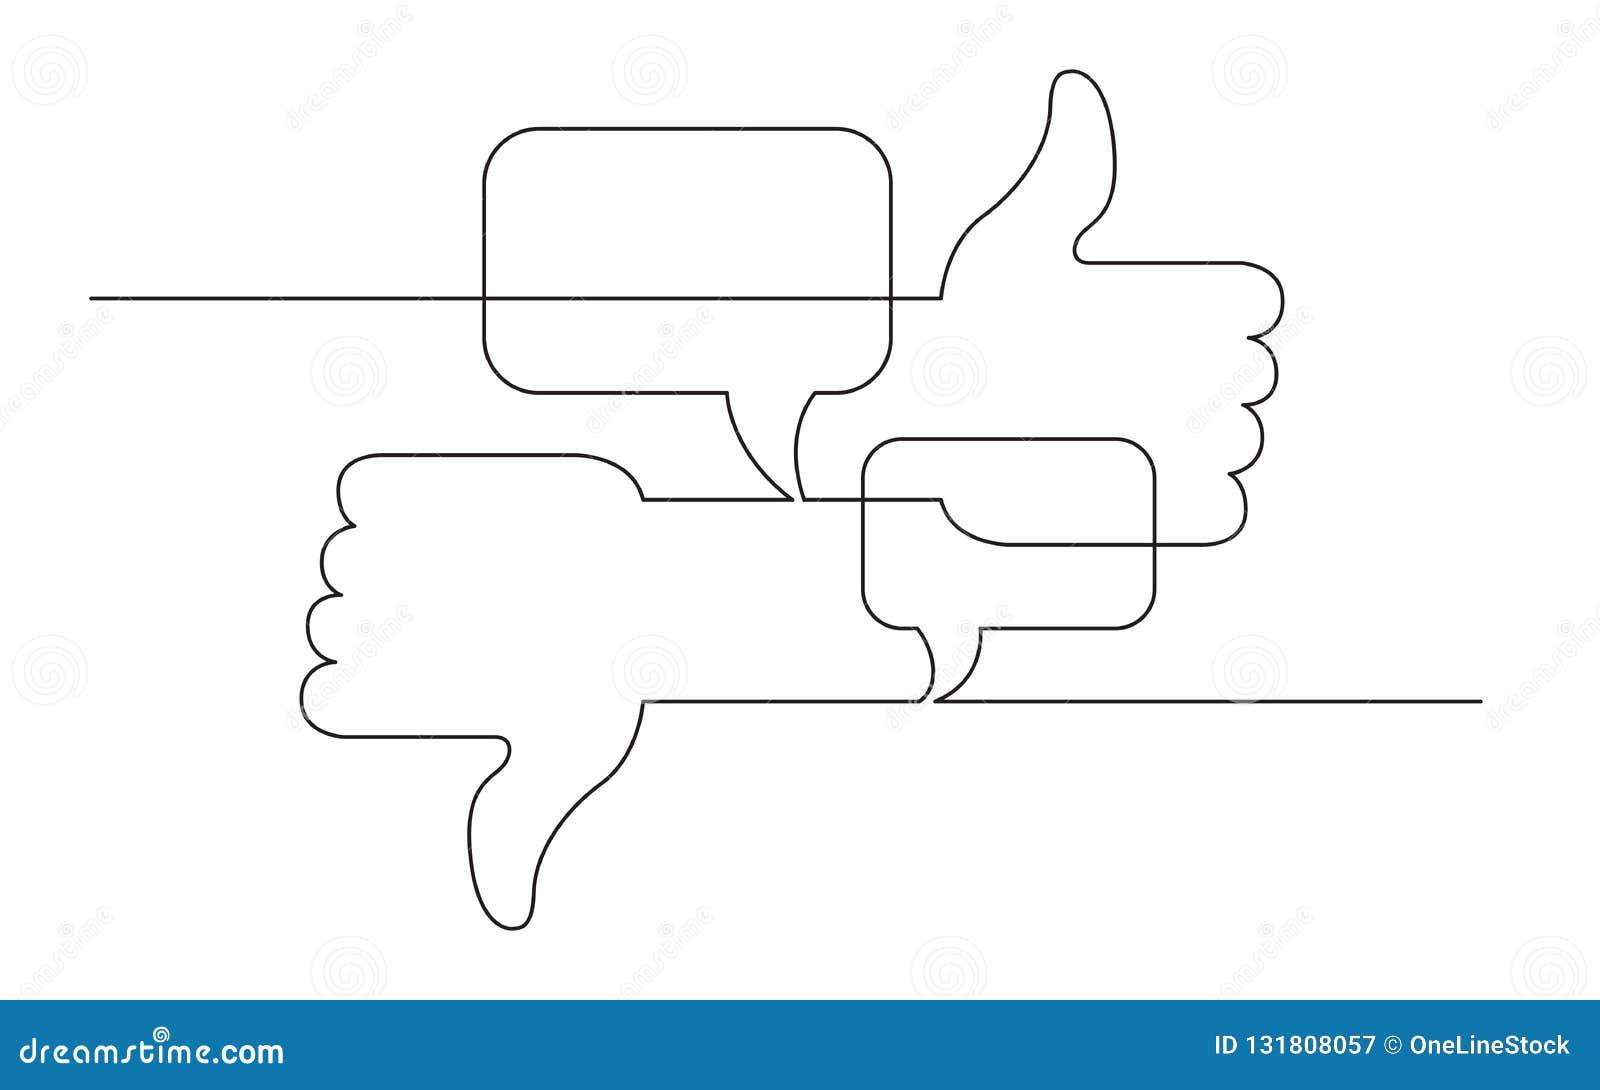 Ligne continue dessin de croquis de concept des médias sociaux comme, d aversion et des symboles d avis